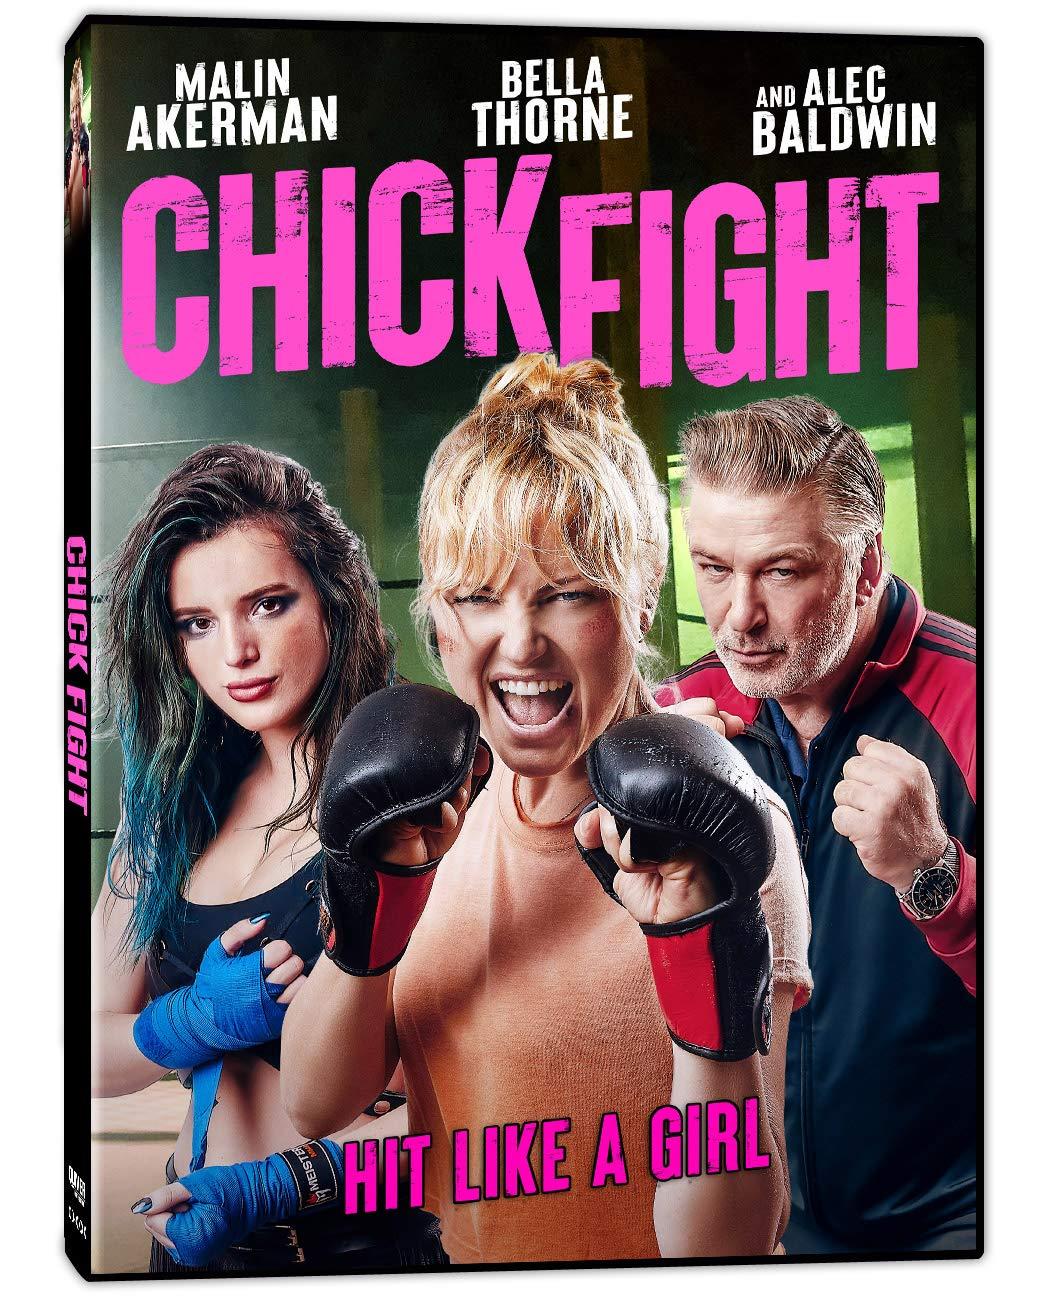 【女子格鬥】CHICK FIGHT--->扭轉人生